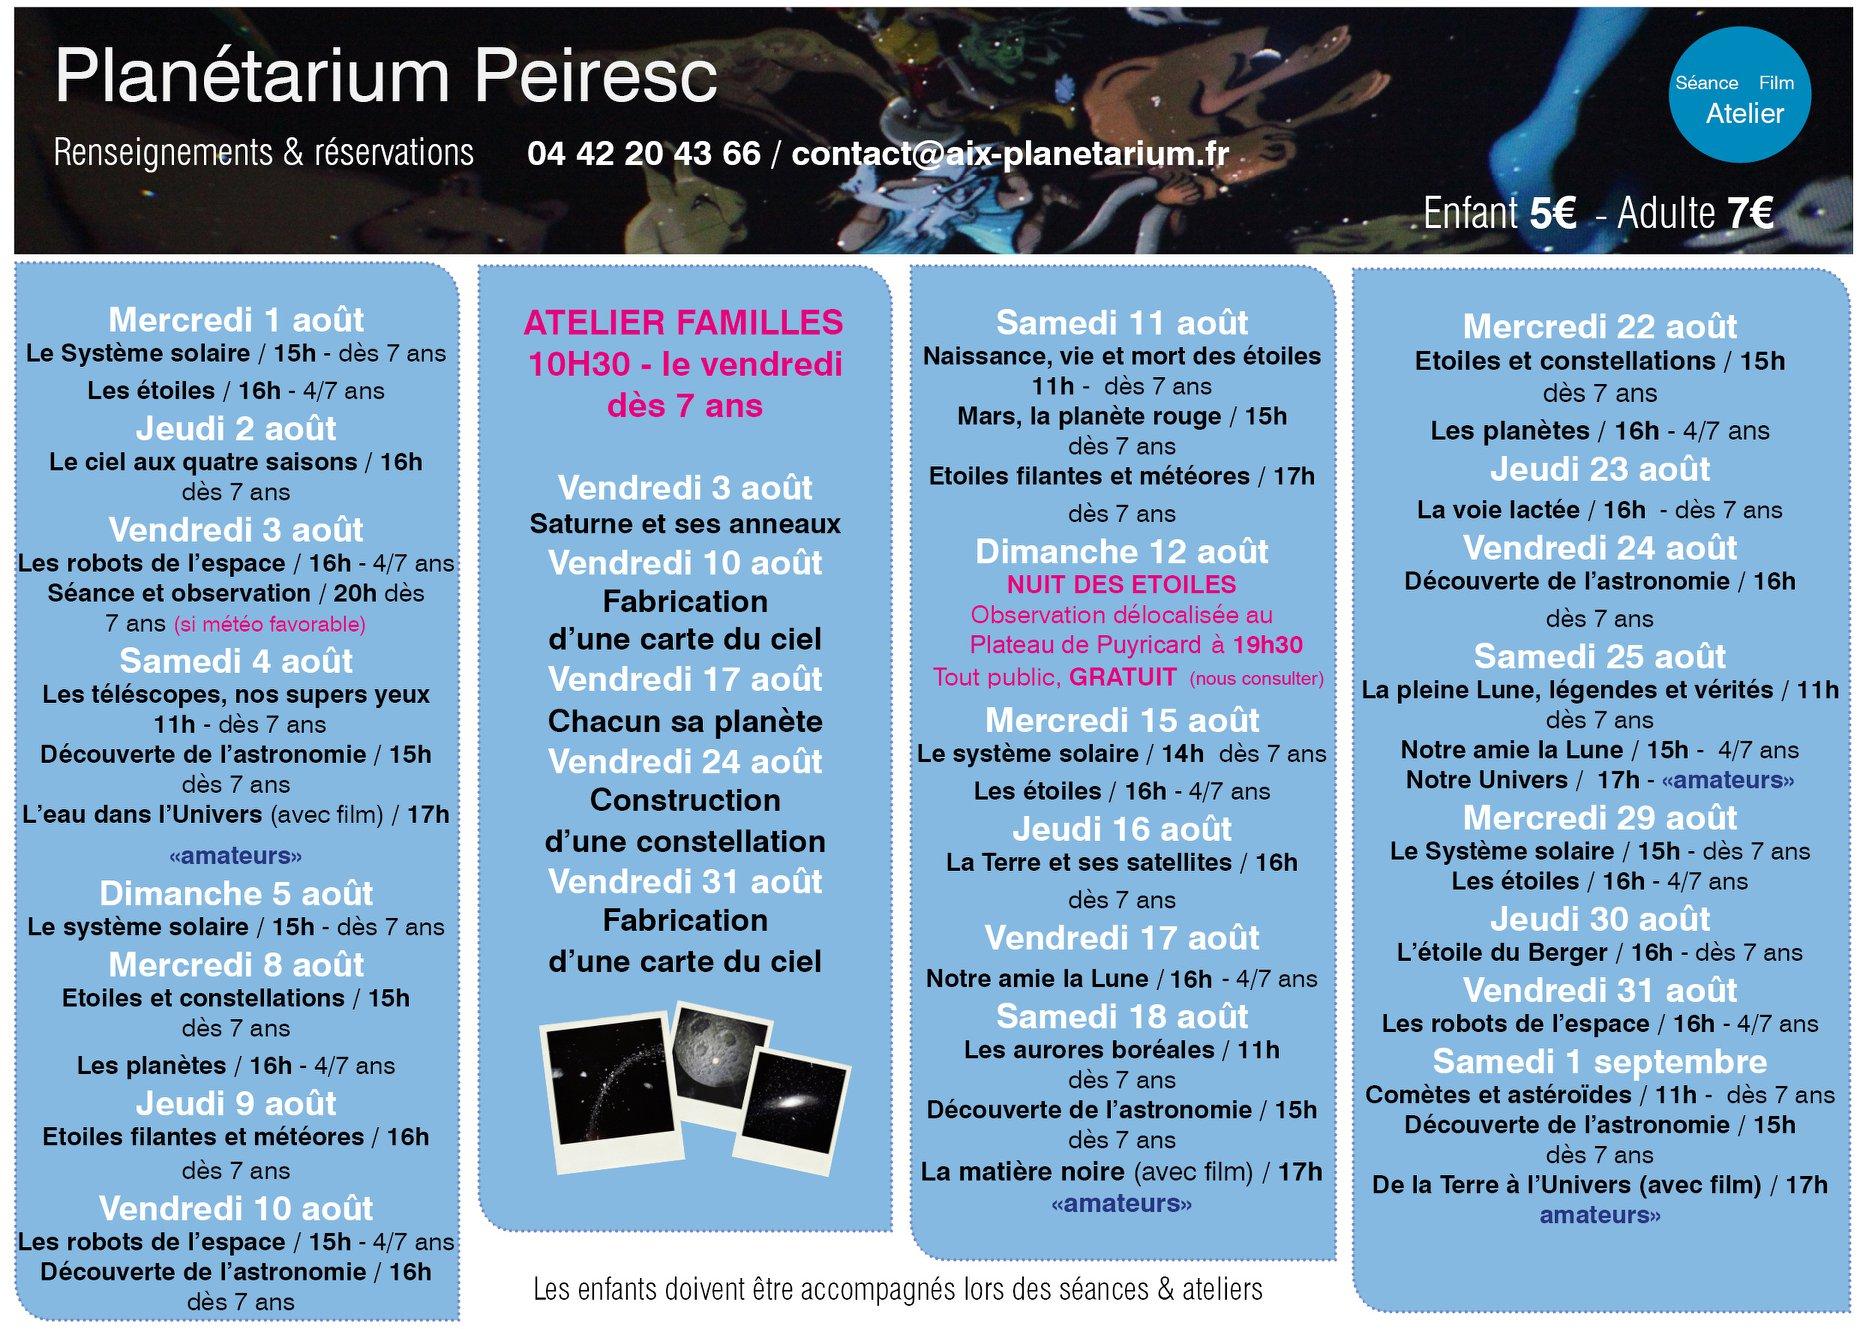 Planetarium Peiresc Aix en Provence Programme août 2018